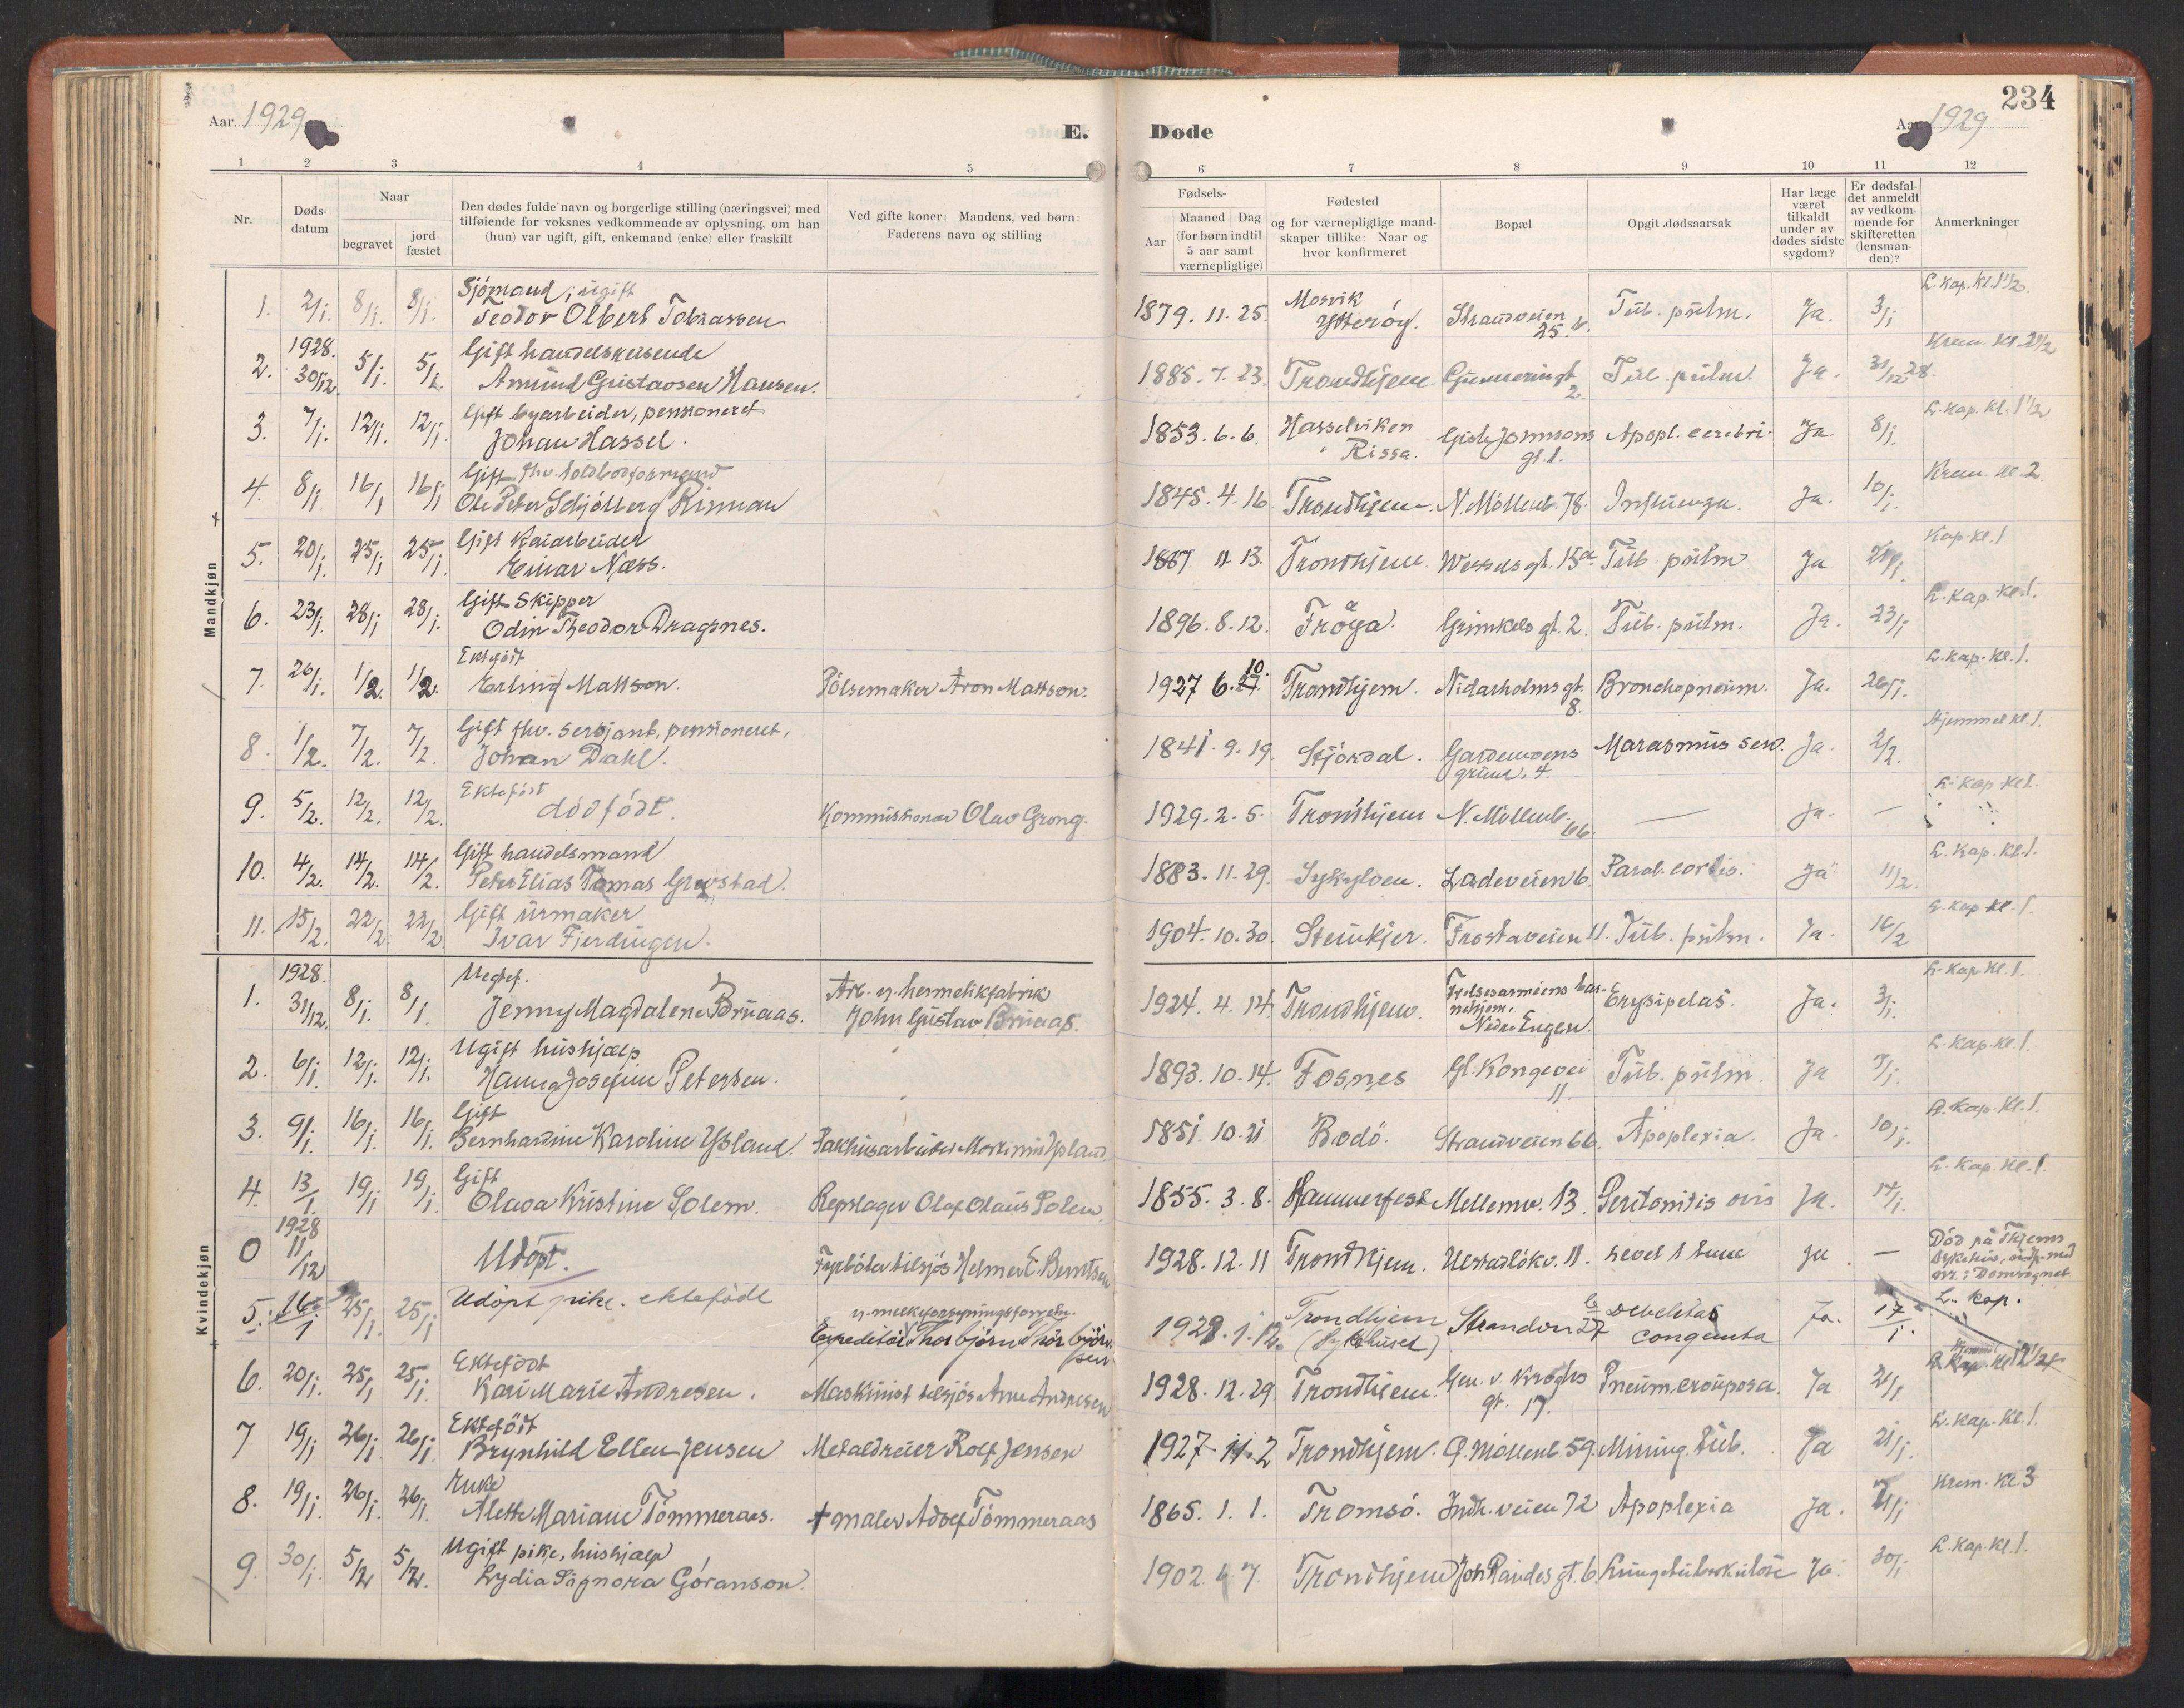 SAT, Ministerialprotokoller, klokkerbøker og fødselsregistre - Sør-Trøndelag, 605/L0245: Ministerialbok nr. 605A07, 1916-1938, s. 234